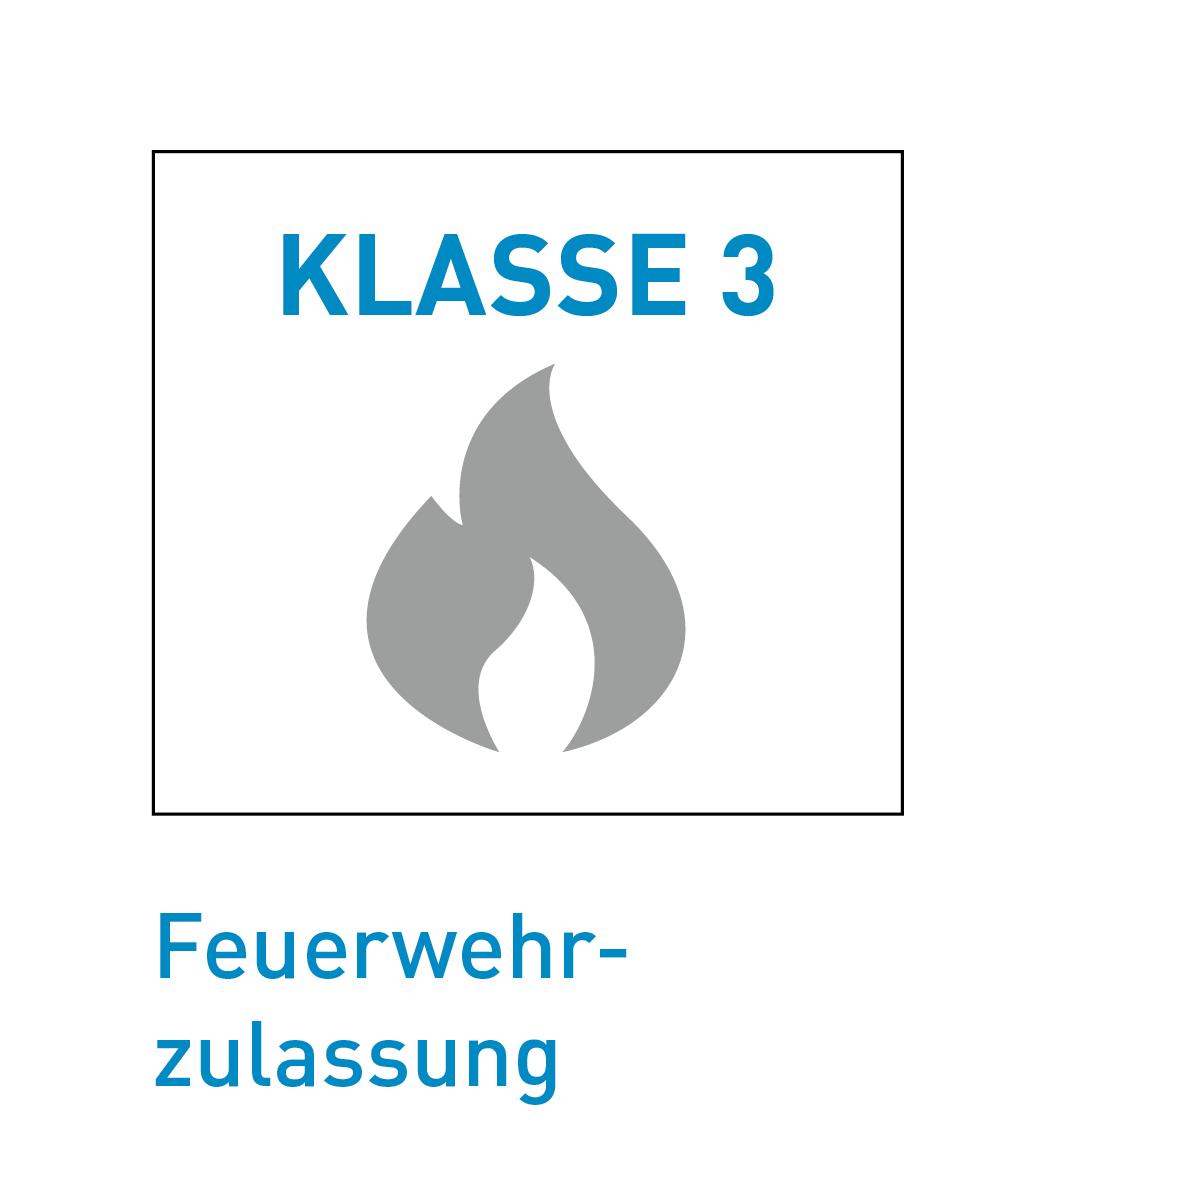 Klasse 3 deutsch